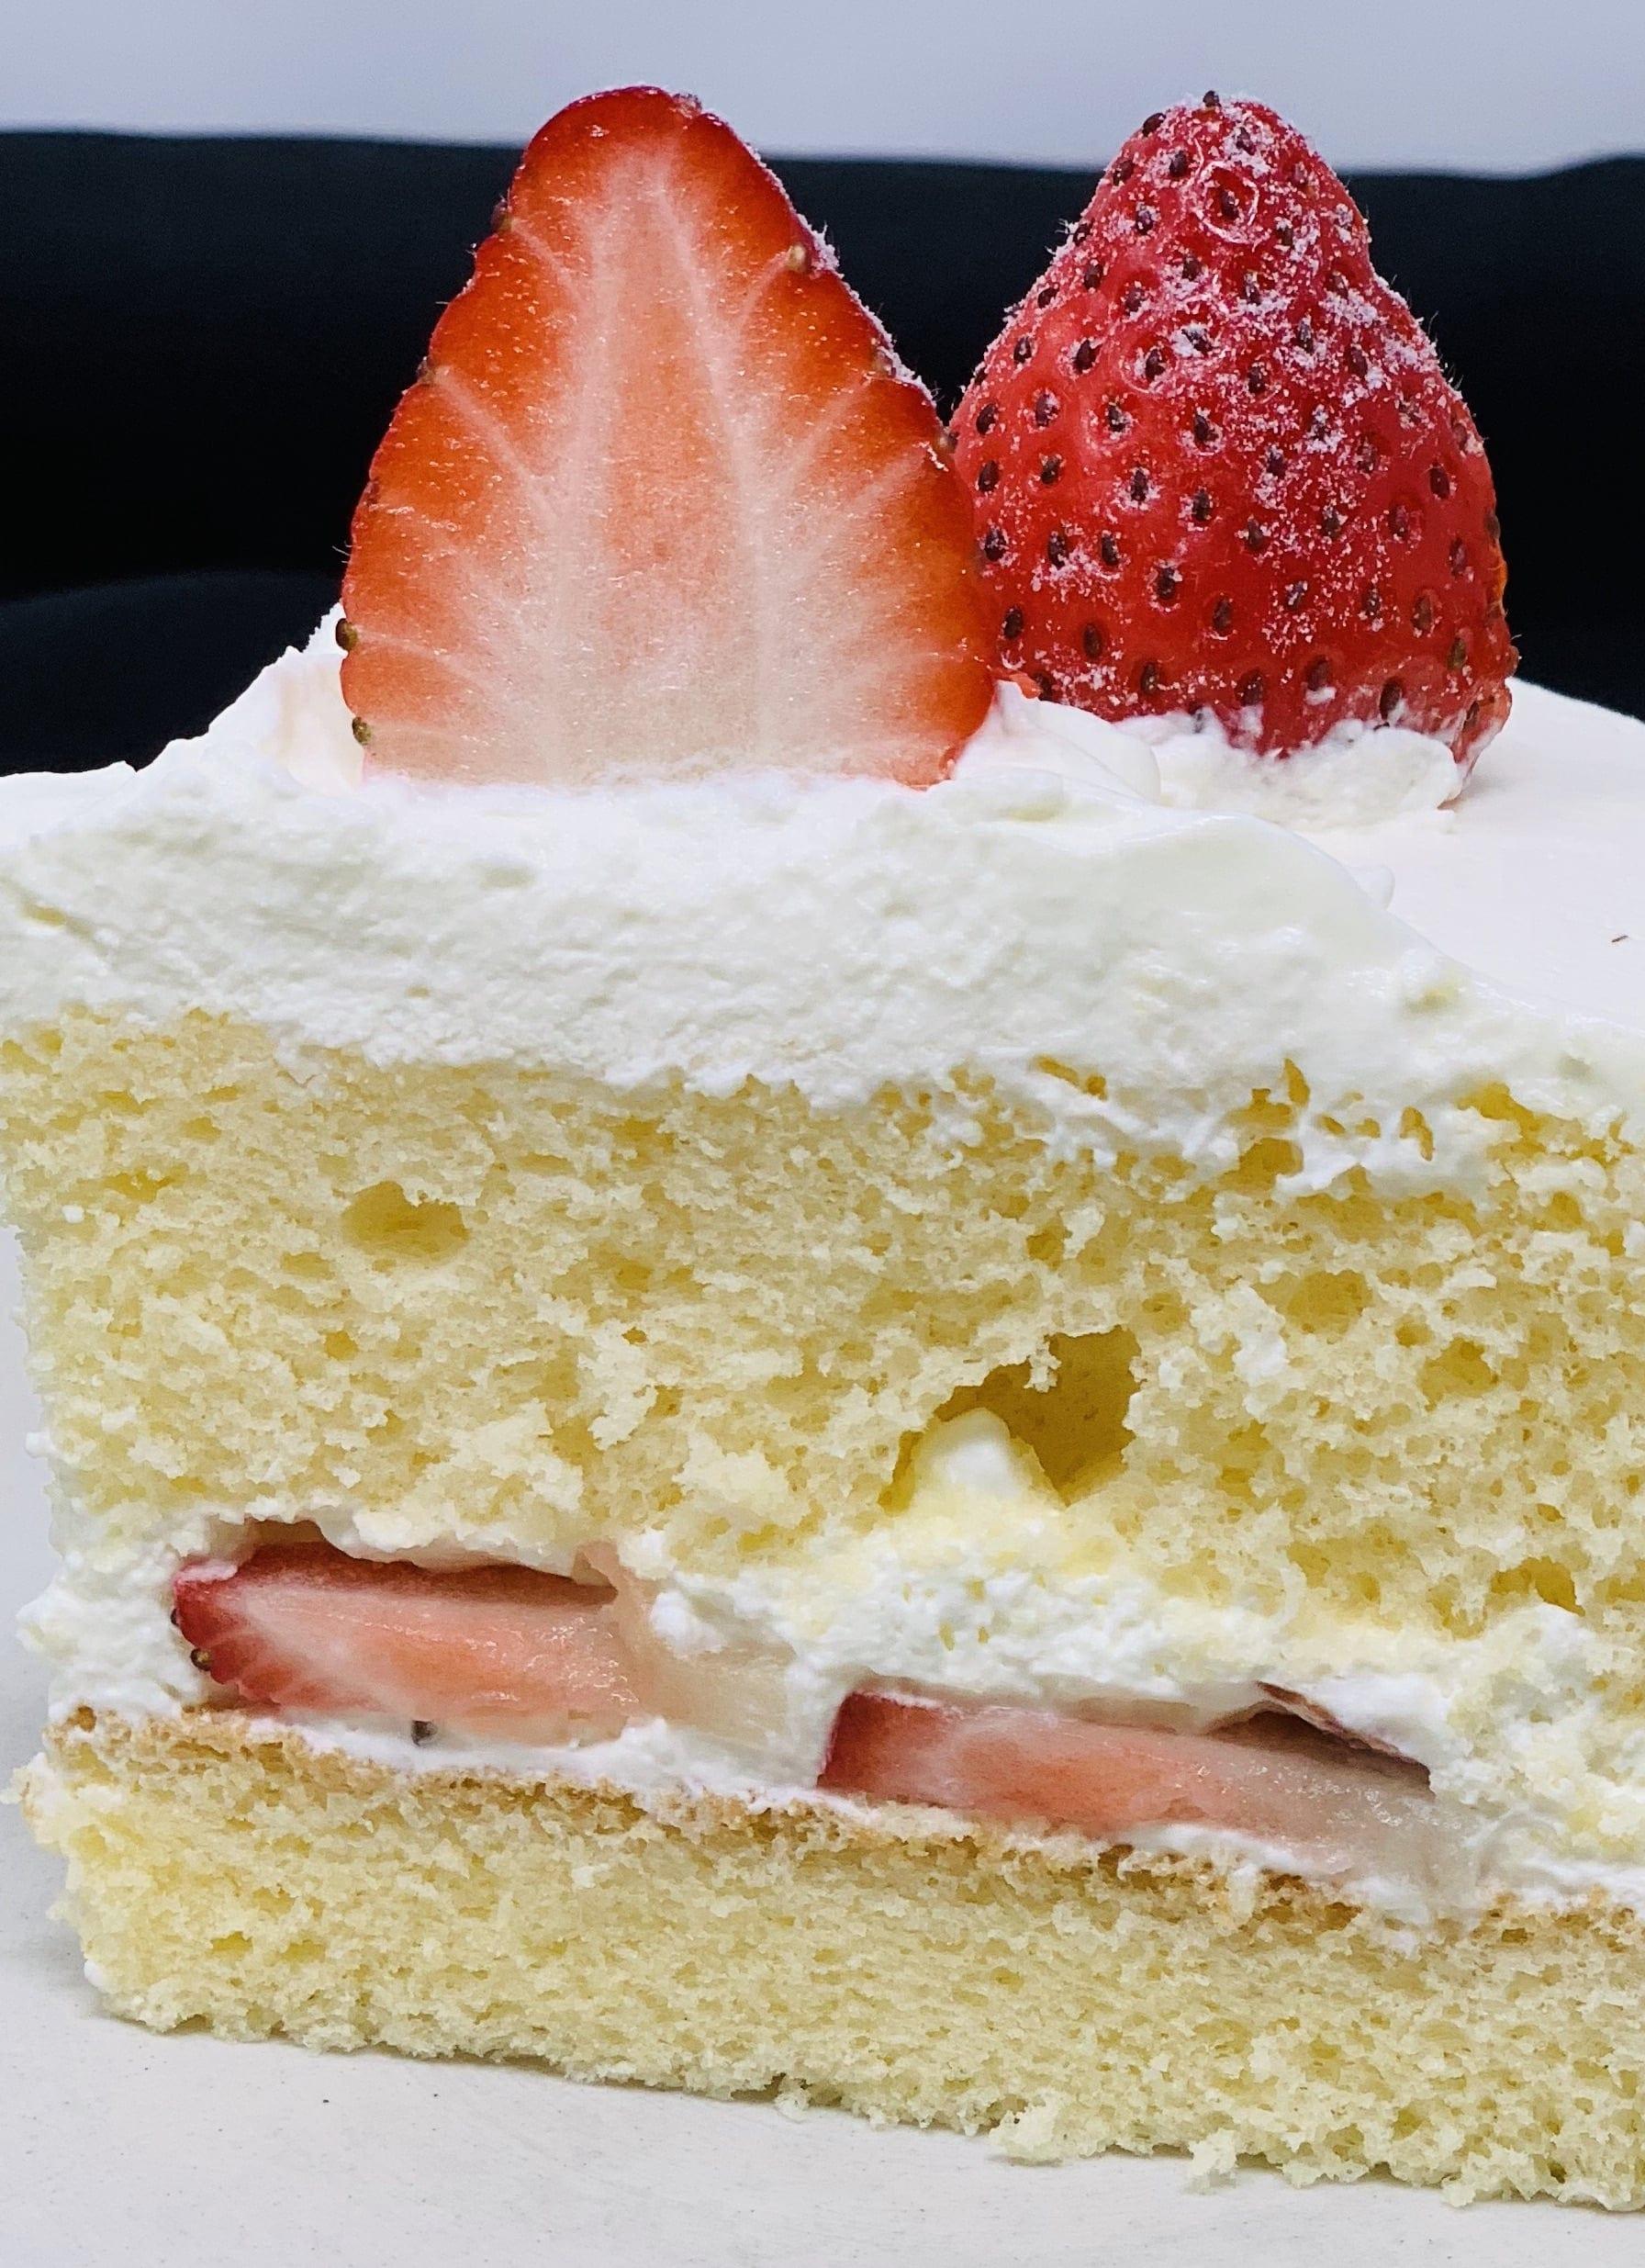 【前日までの予約専用】 誕生日ケーキ生クリーム6号のイメージその2